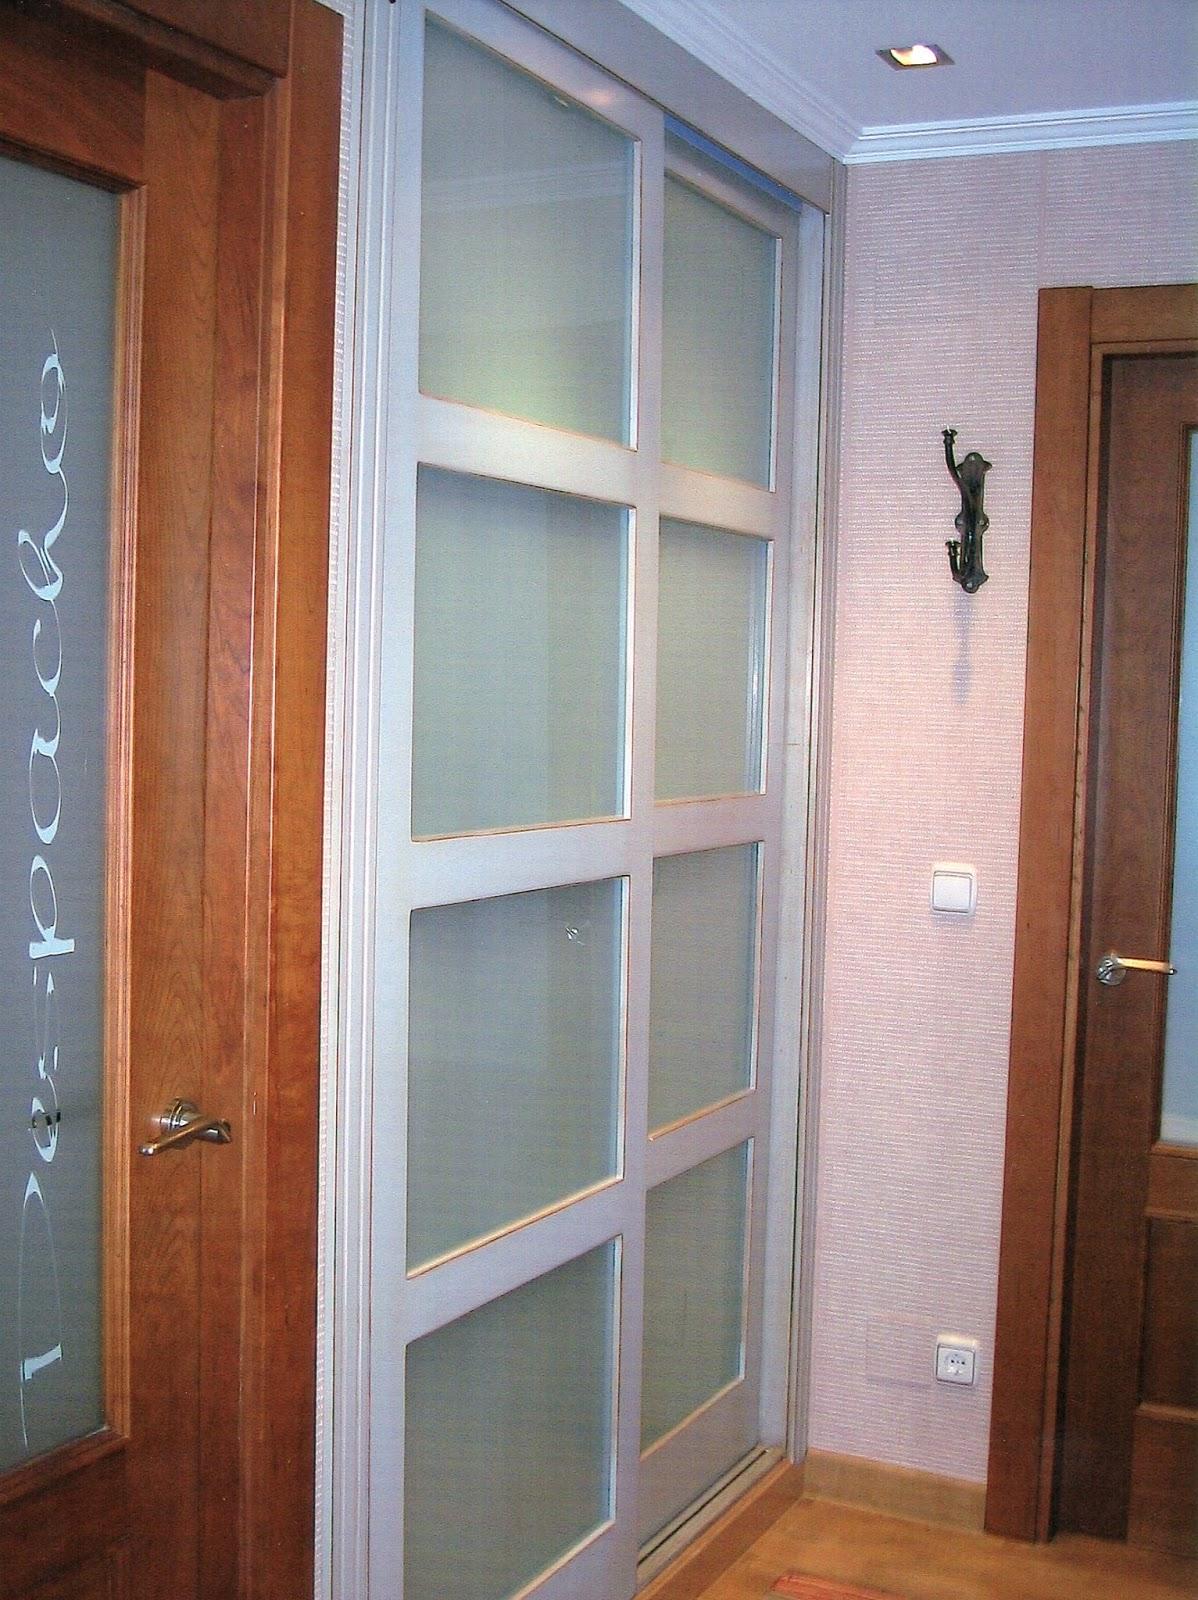 Armarios entrada la entrada y el recibidor de tu casa - Armarios entrada recibidor ...